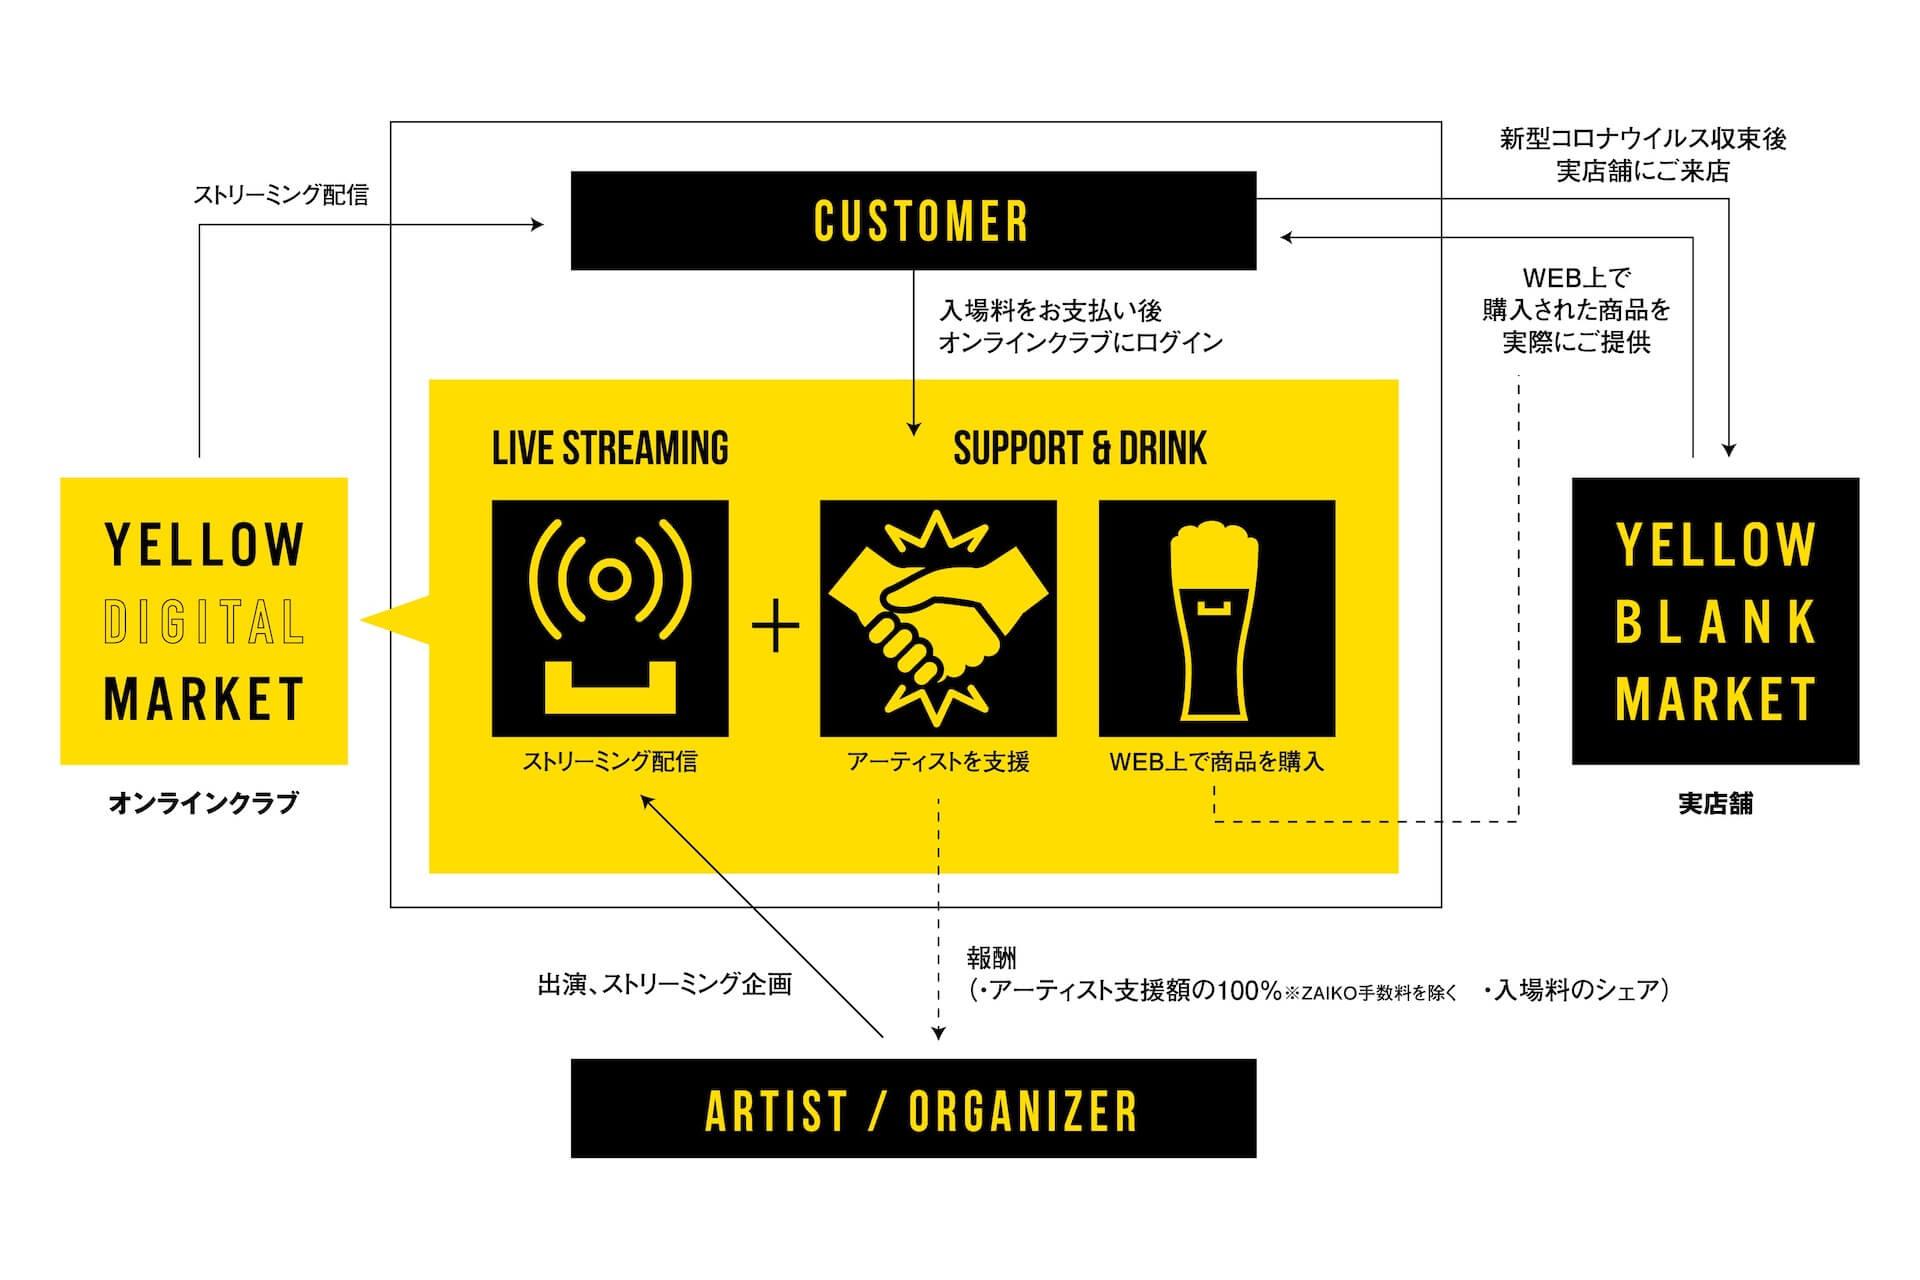 オンラインクラブYELLOW DIGITAL MARKETがオープン!オープニングパーティーにDJ SODEYAMA、SHINICHI OSAWA登場 music200402_yellowdigitalmarket_03